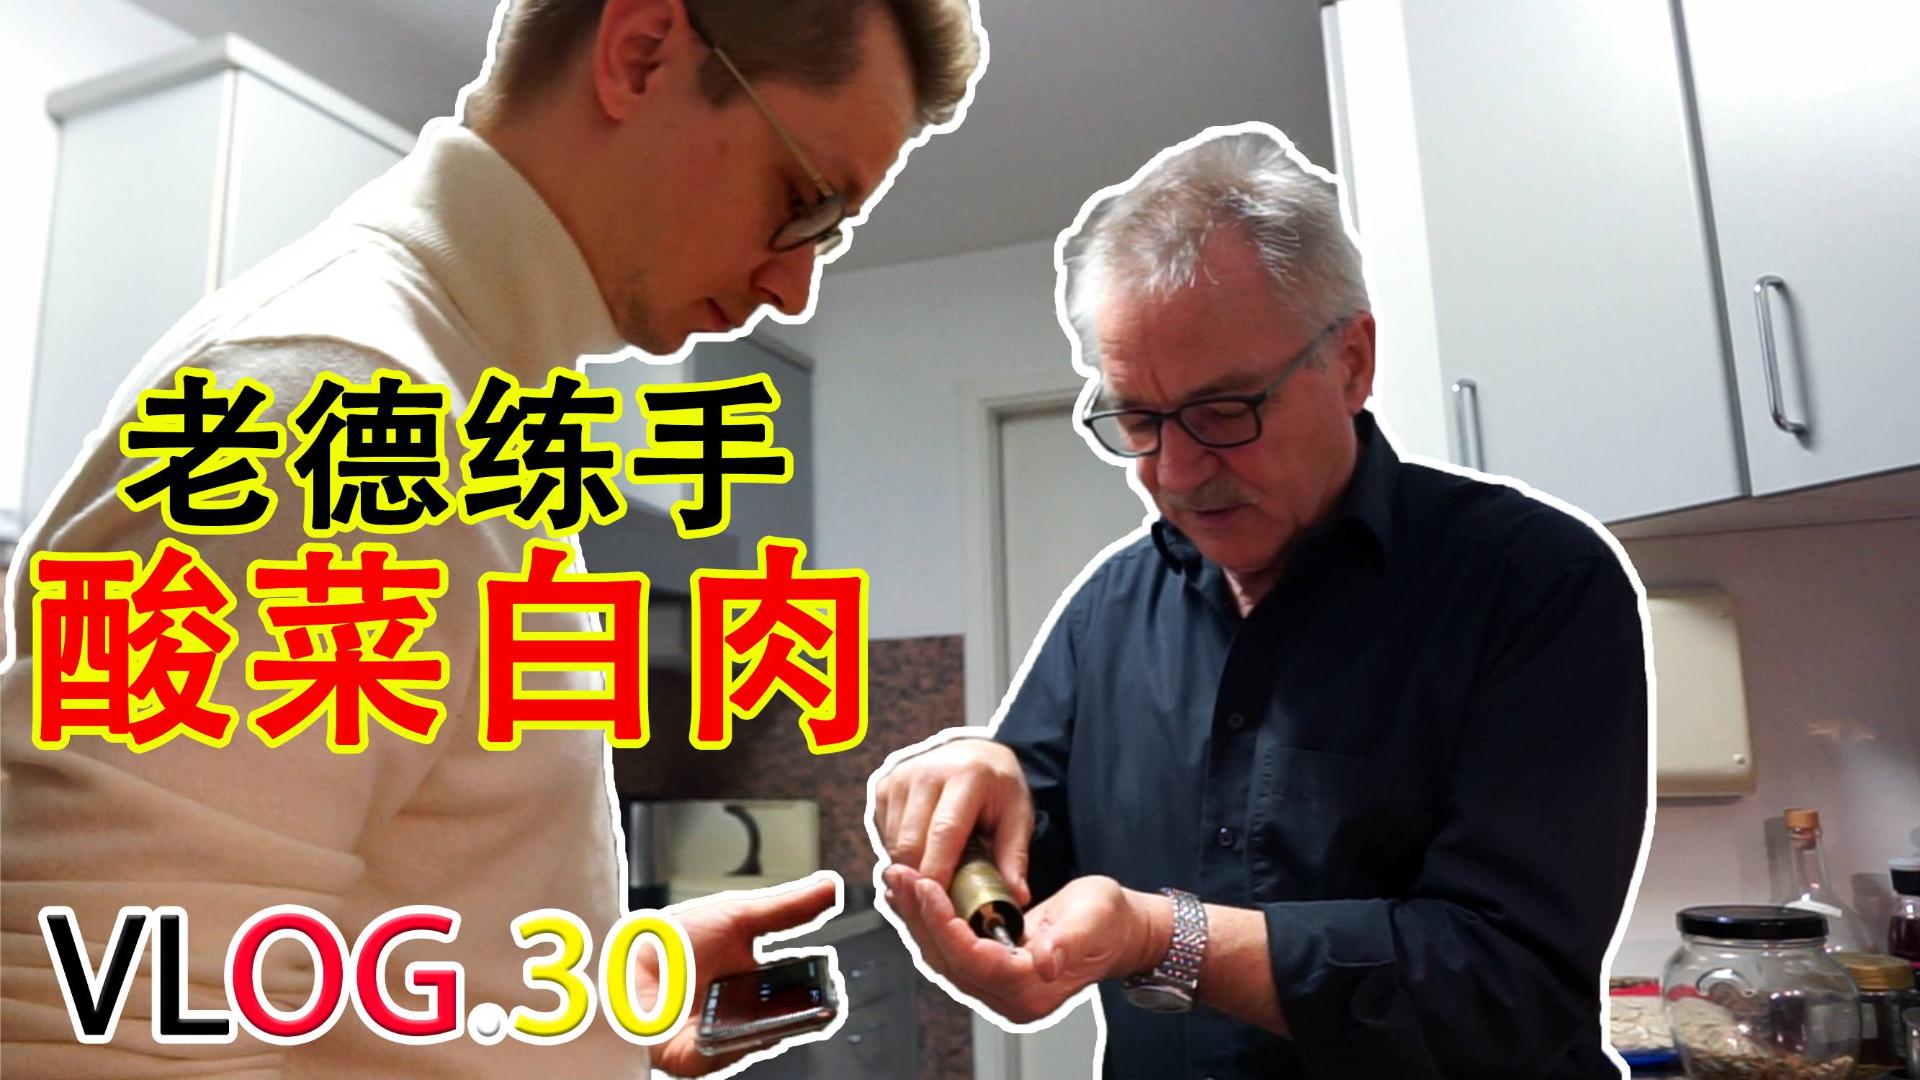 """老德开盖自己腌的老坛酸菜,偷艺中国菜,正式学做第一道中餐""""酸菜白肉"""""""